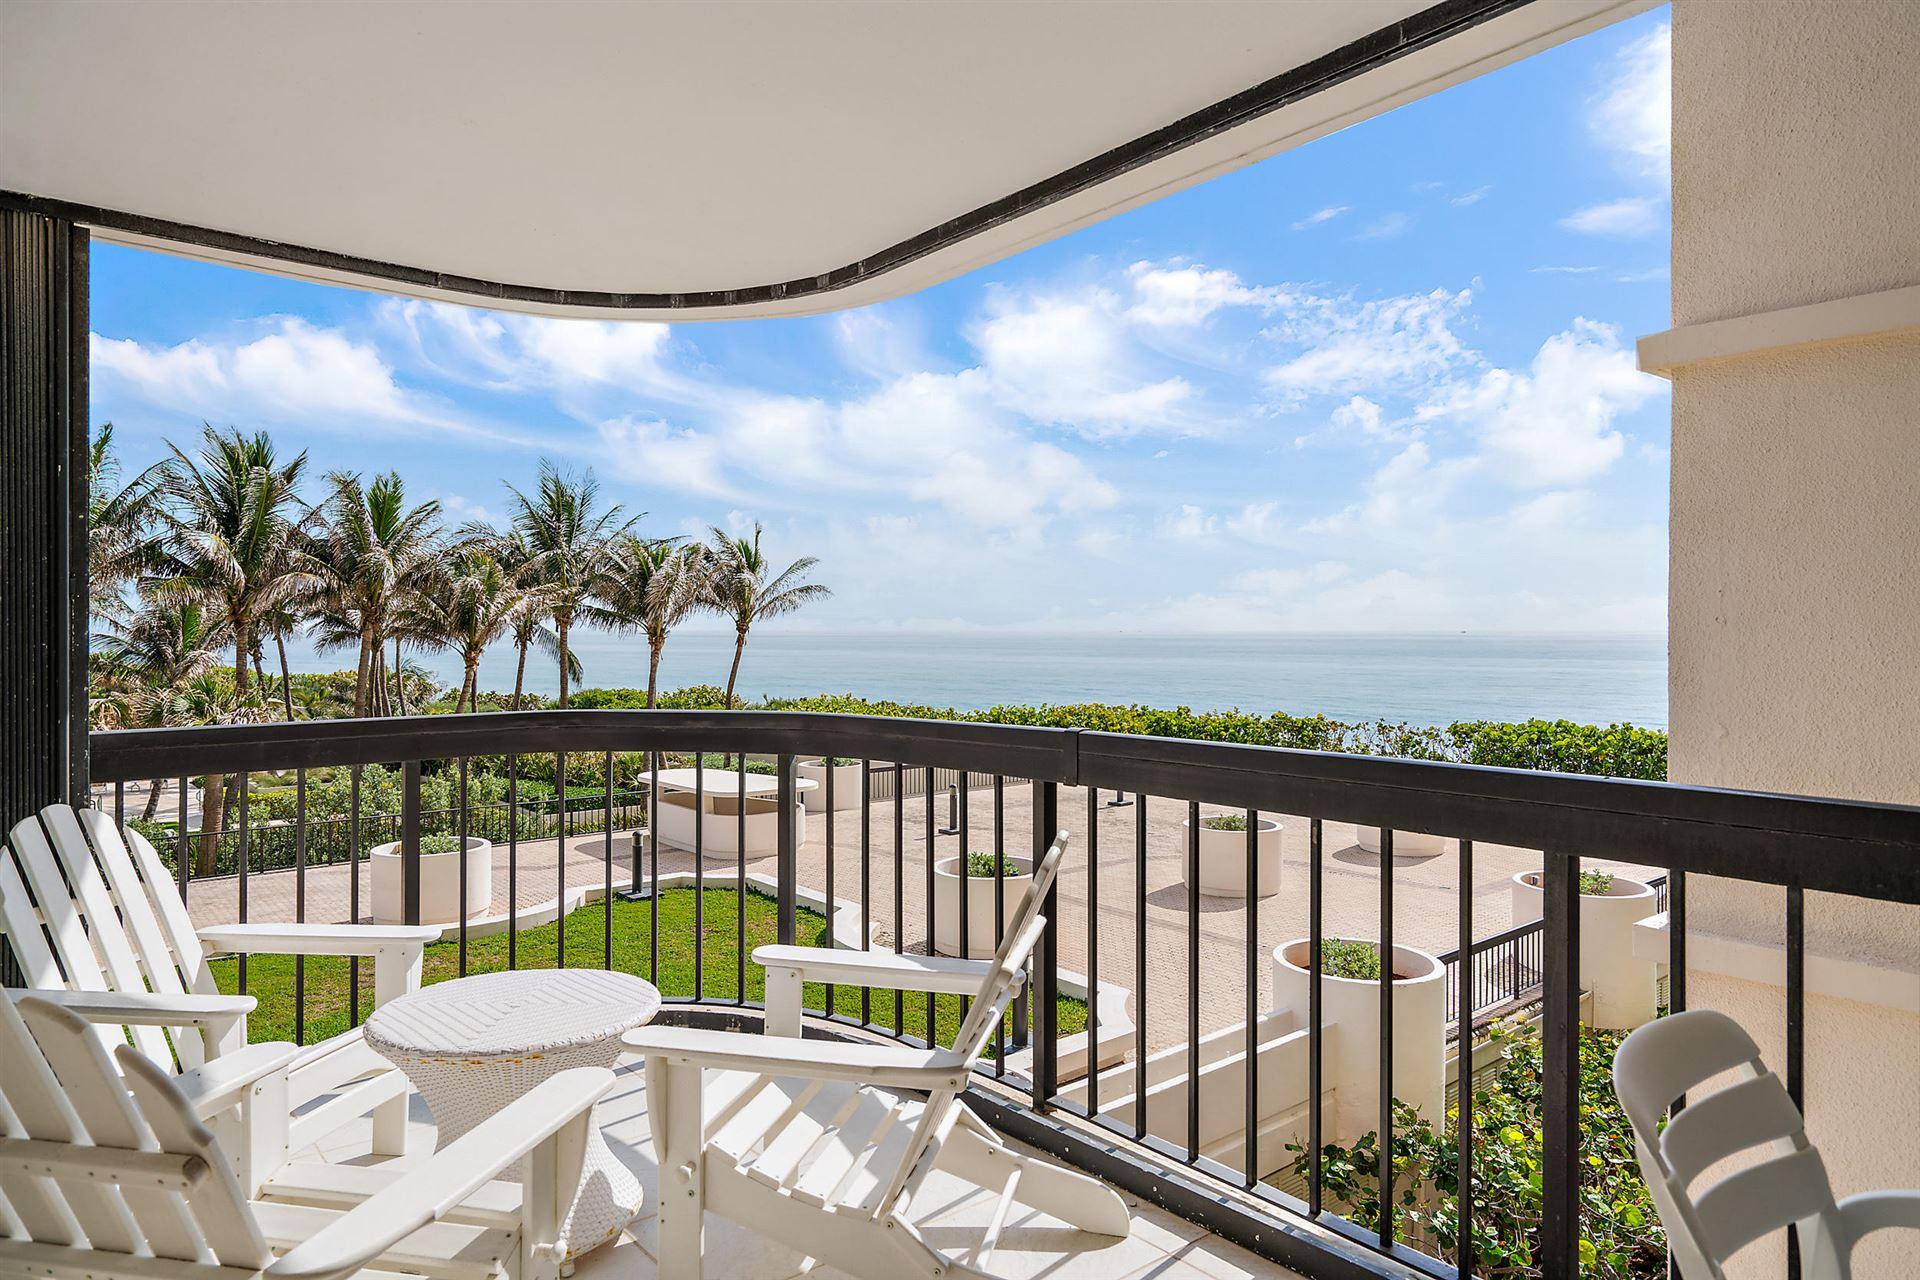 Photo of 5380 N Ocean Drive #3-F, Riviera Beach, FL 33404 (MLS # RX-10629077)